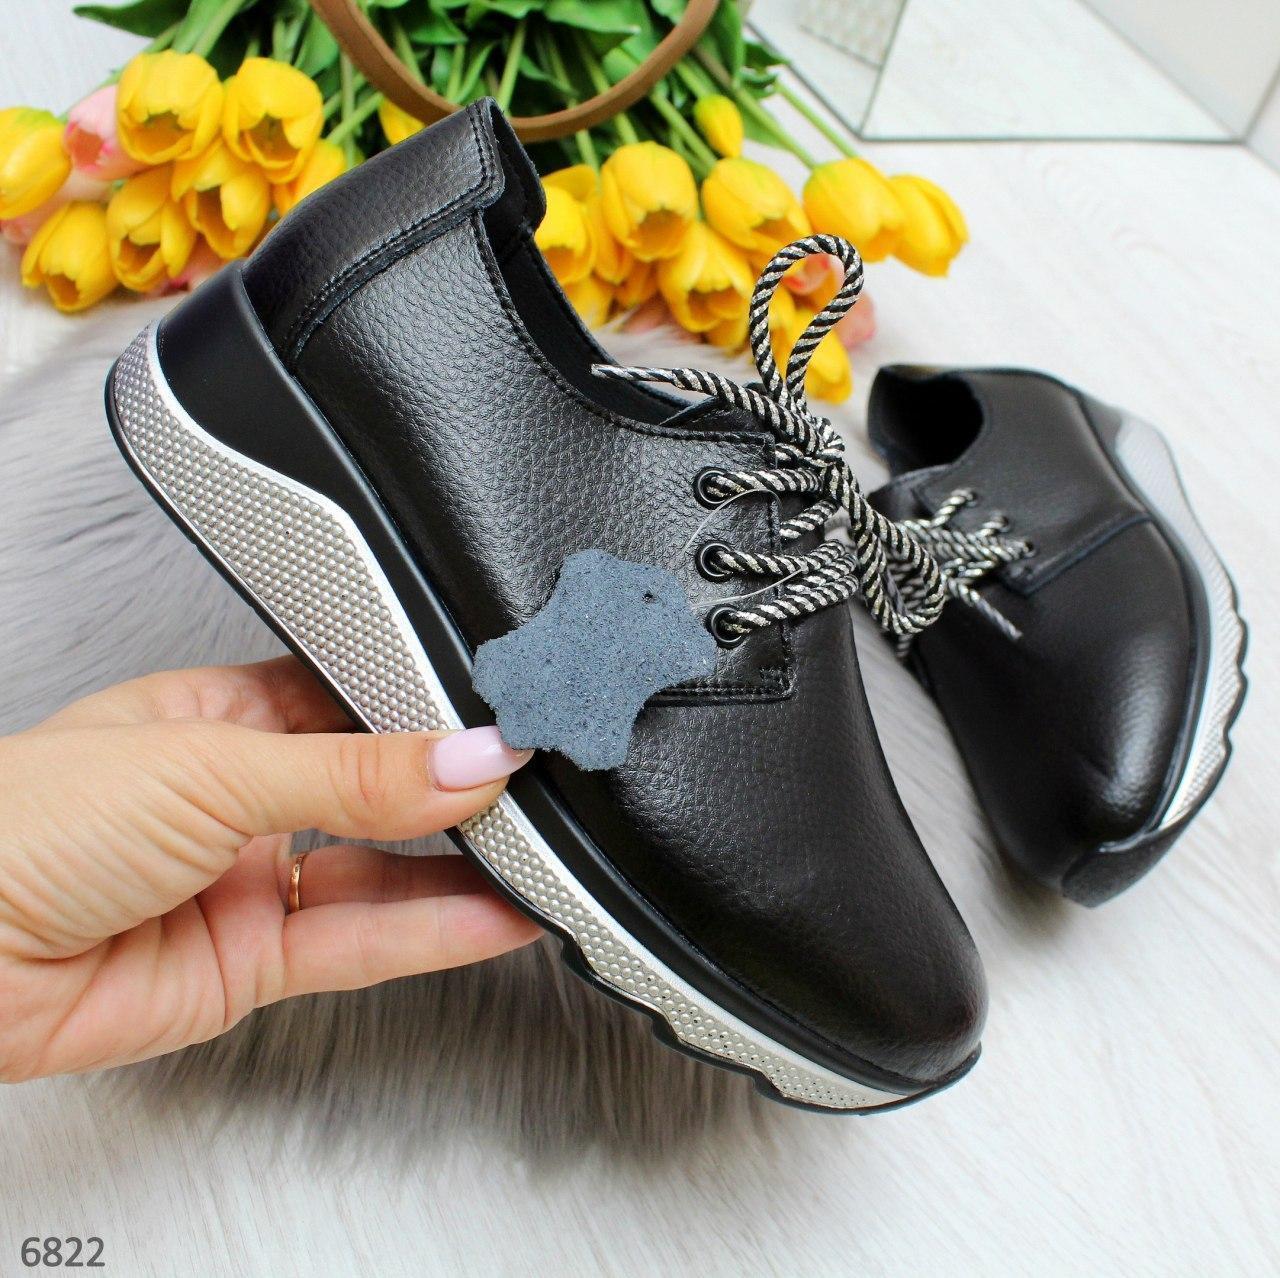 Стильные повседневные черные женские кроссовки натуральная кожа